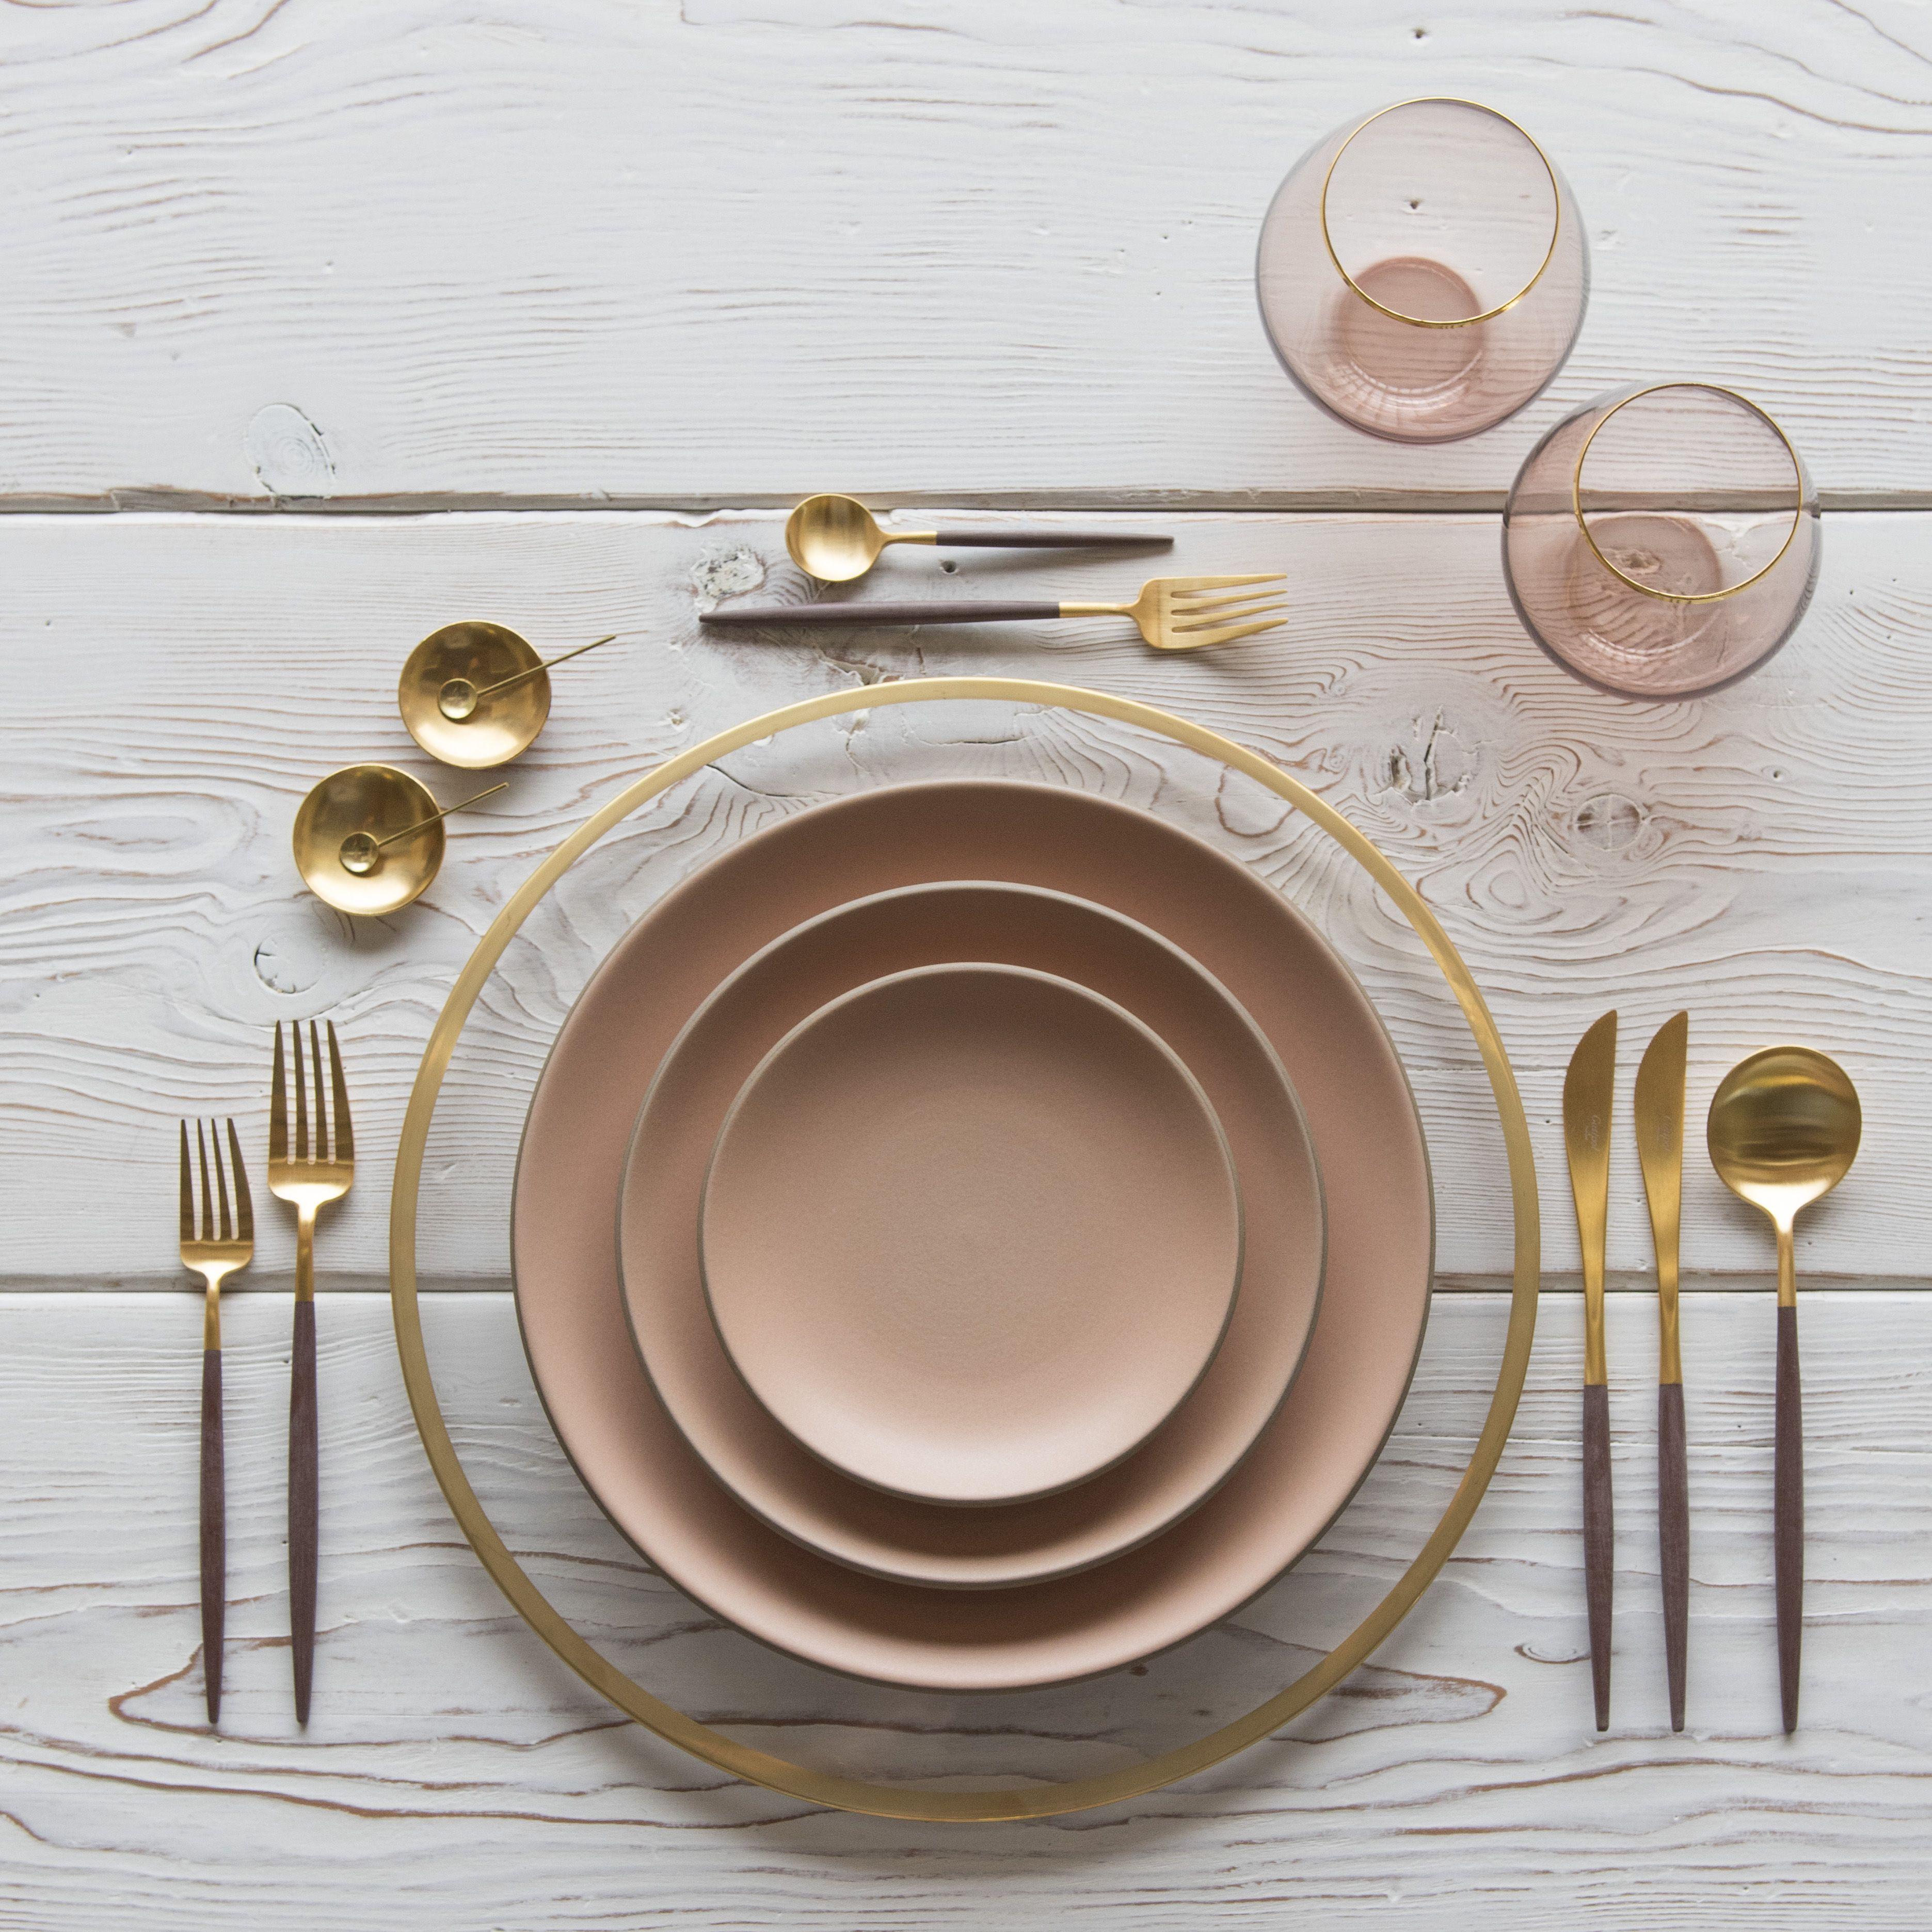 Decoraci n mesas cuberter a dorada con platos y for Decoraciones de platos de cocina